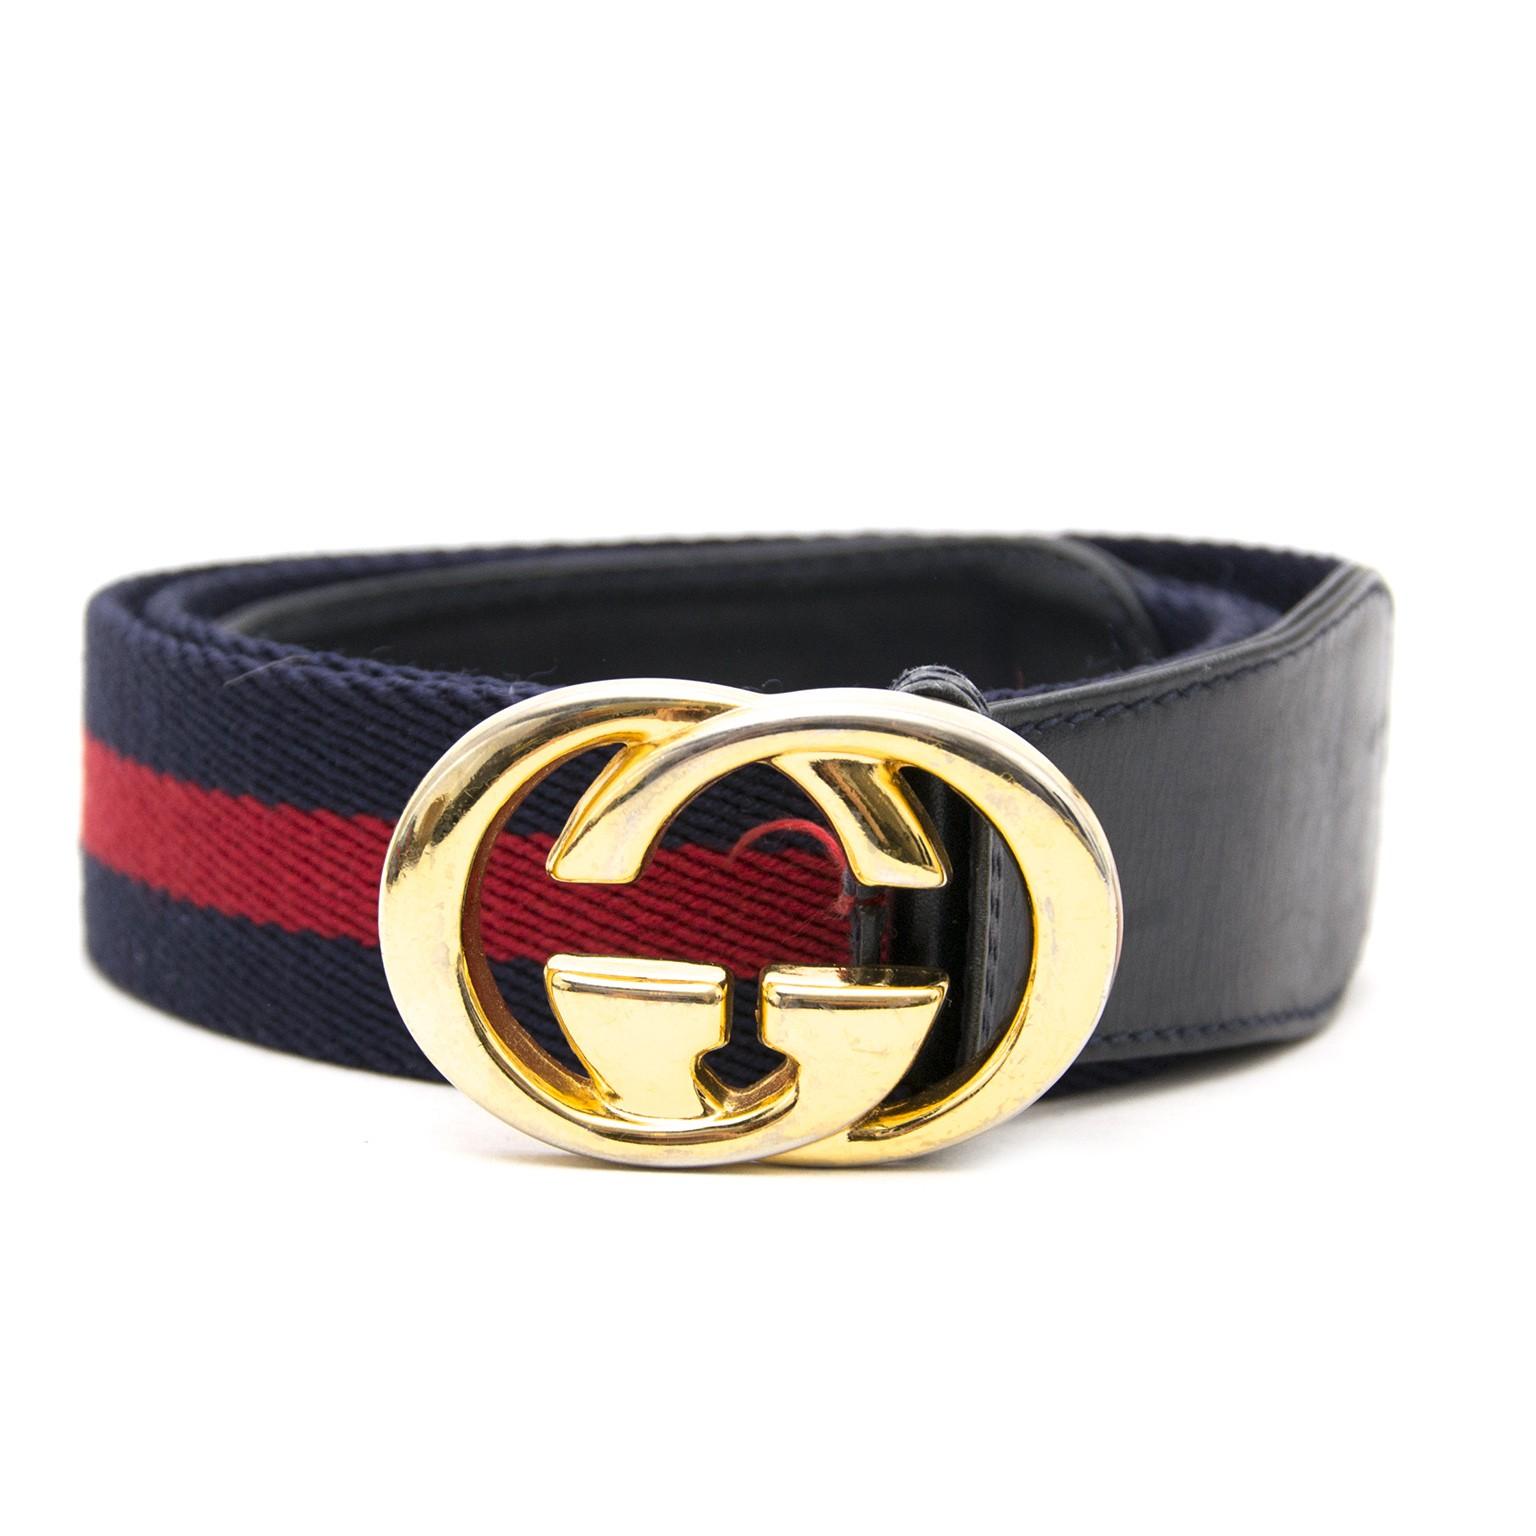 Red Gucci Belt | Gucci Belts Cheap | Gucci Bel